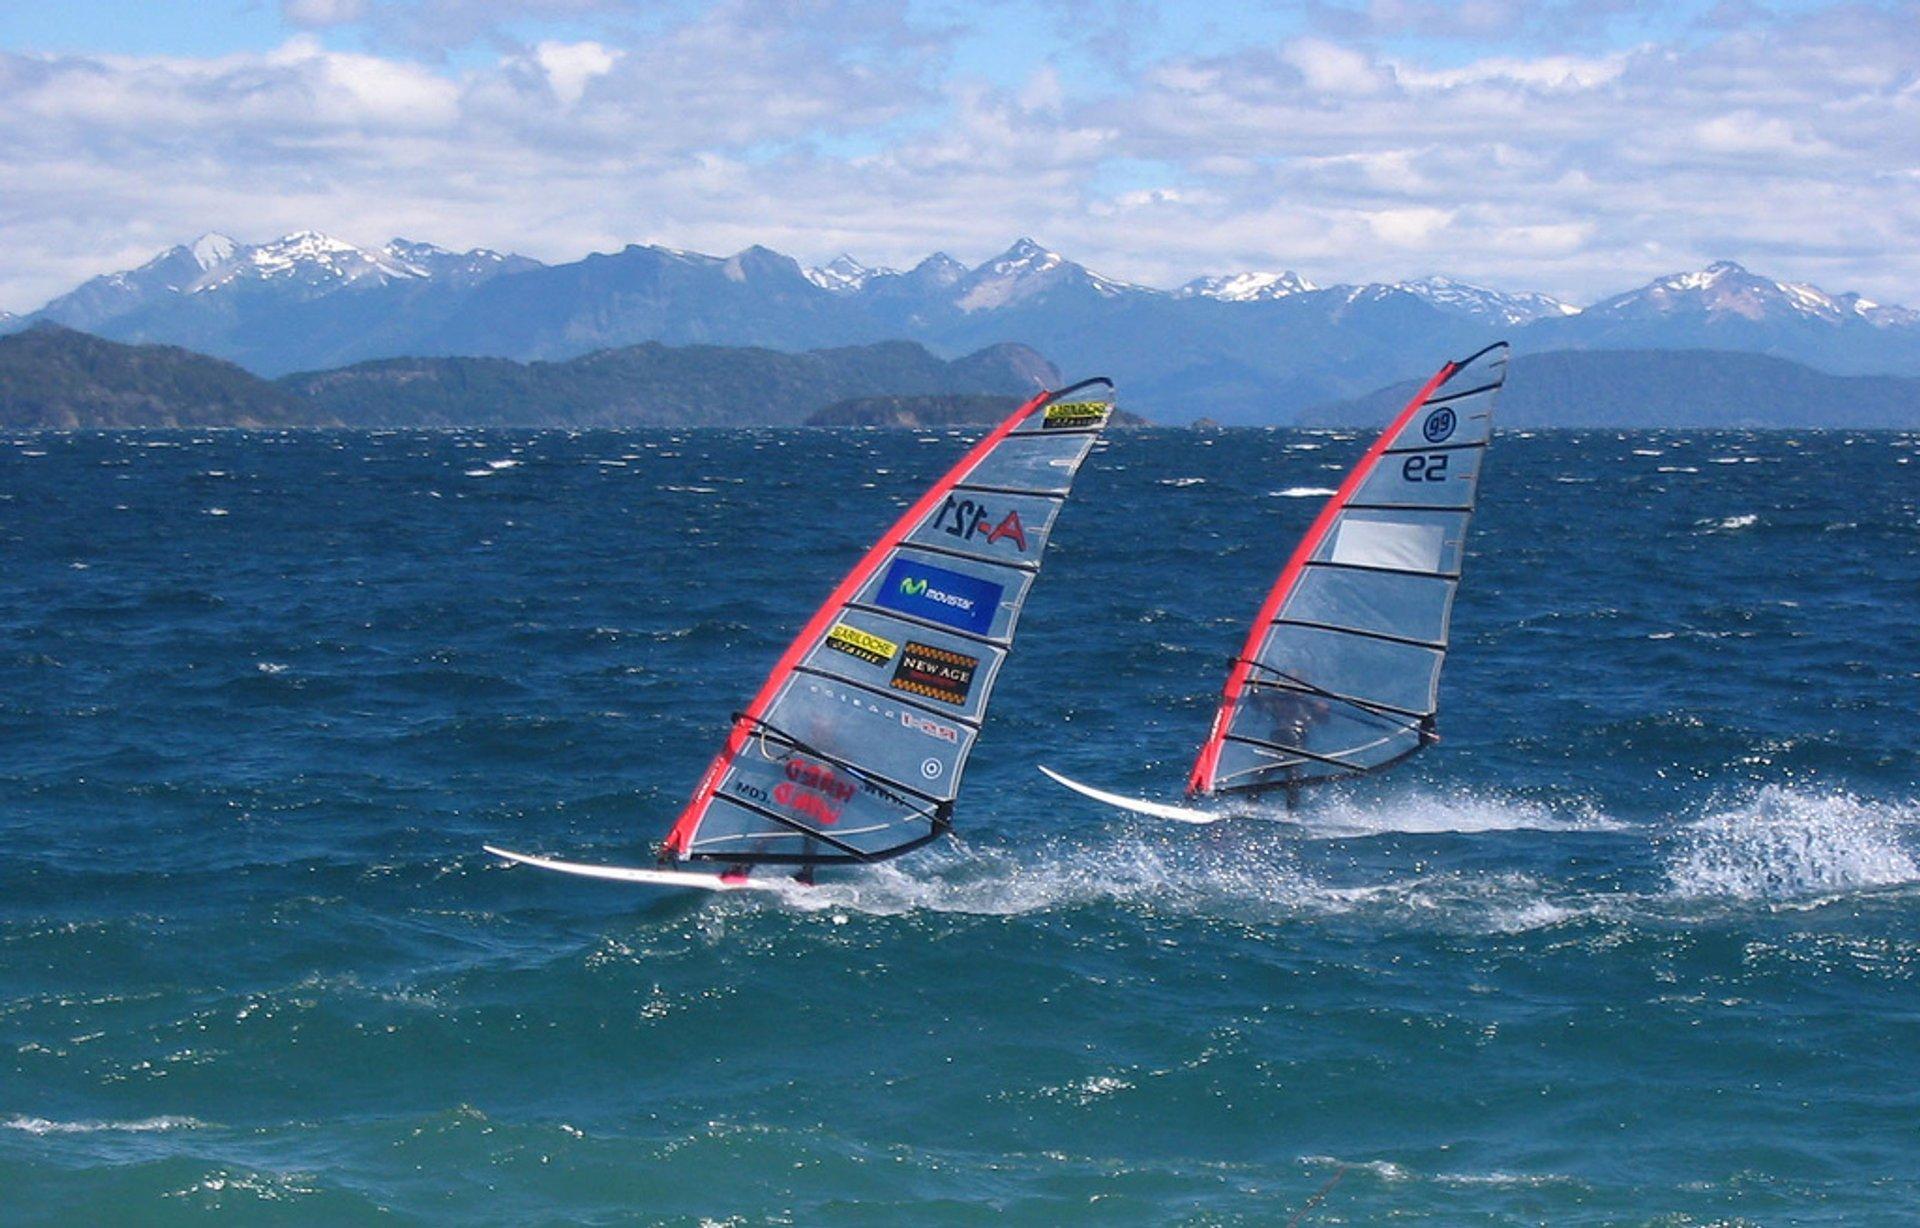 Windsurfing in Argentina - Best Season 2019